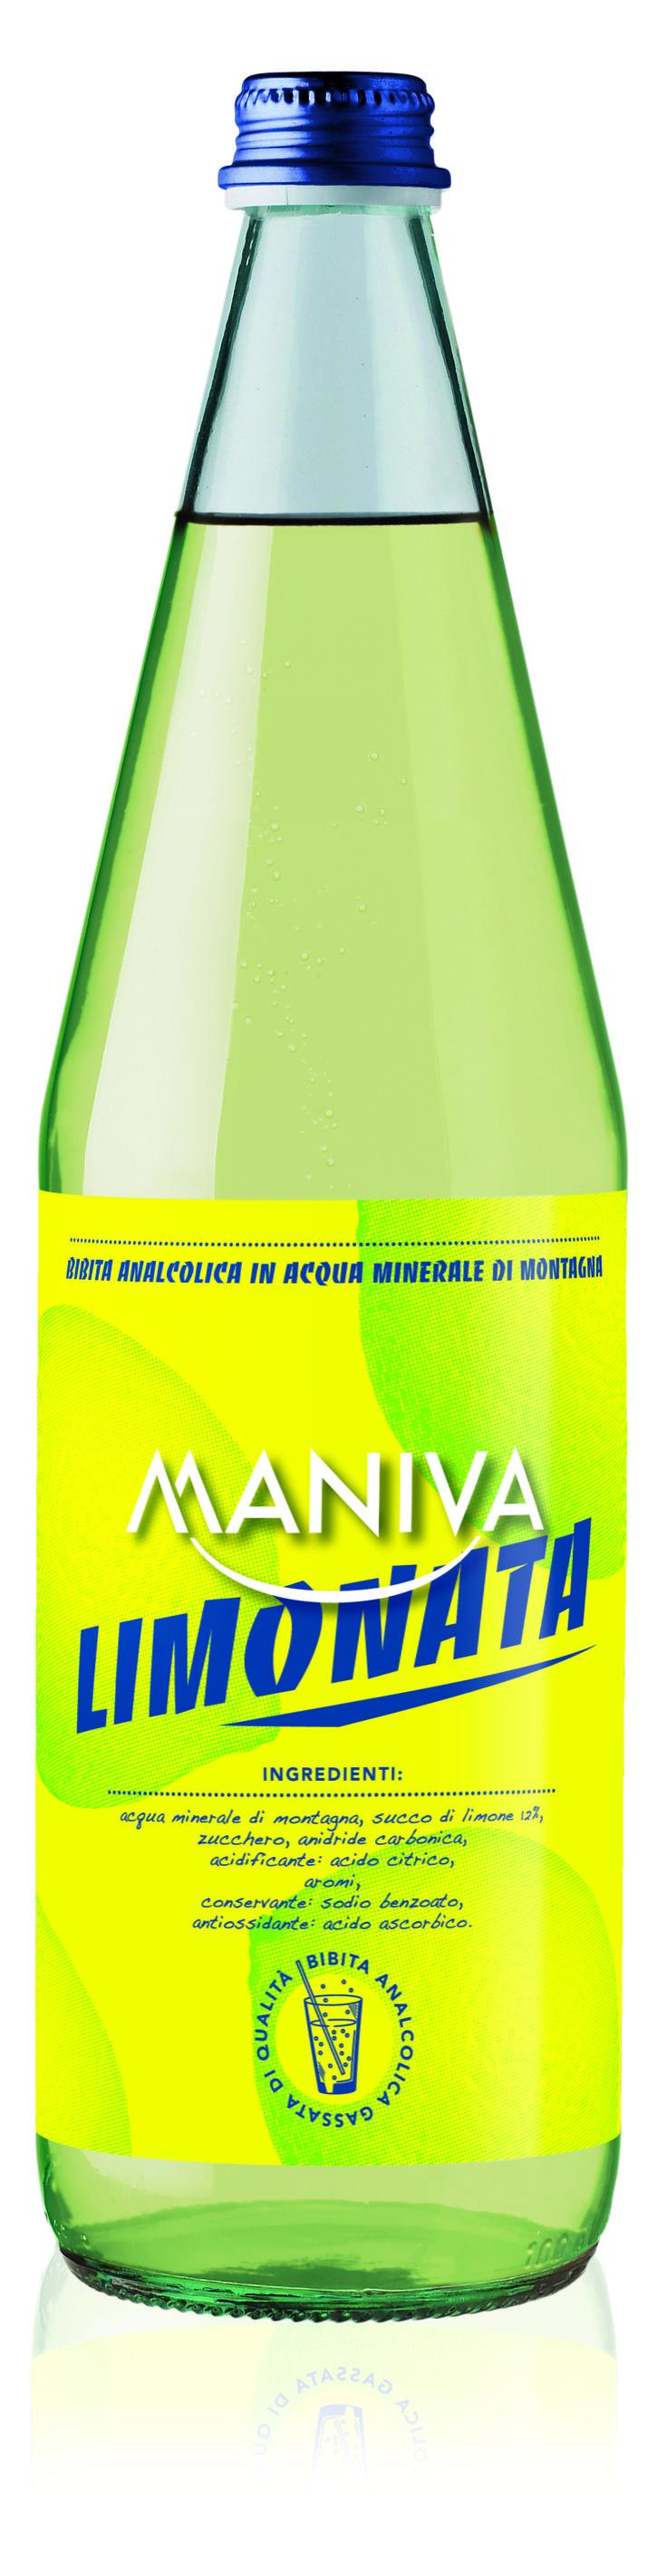 LIMONATA  Bibita analcolica frizzante, di alta qualità garantita anche dalla leggera acqua minerale di montagna di cui è composta